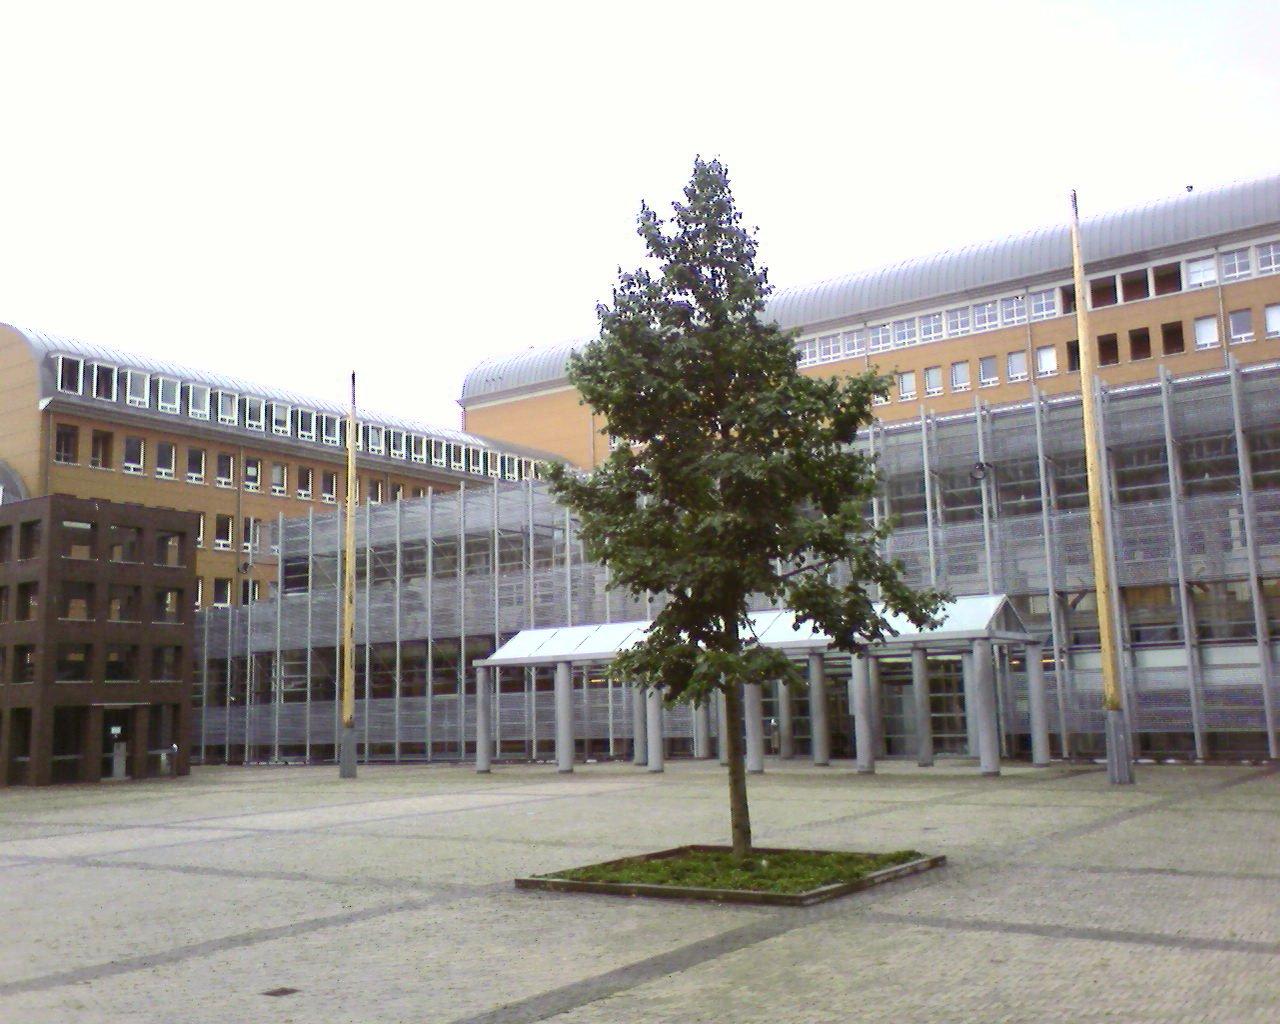 Gerechtshof 's-Hertogenbosch - Weening Strafrechtadvocaten